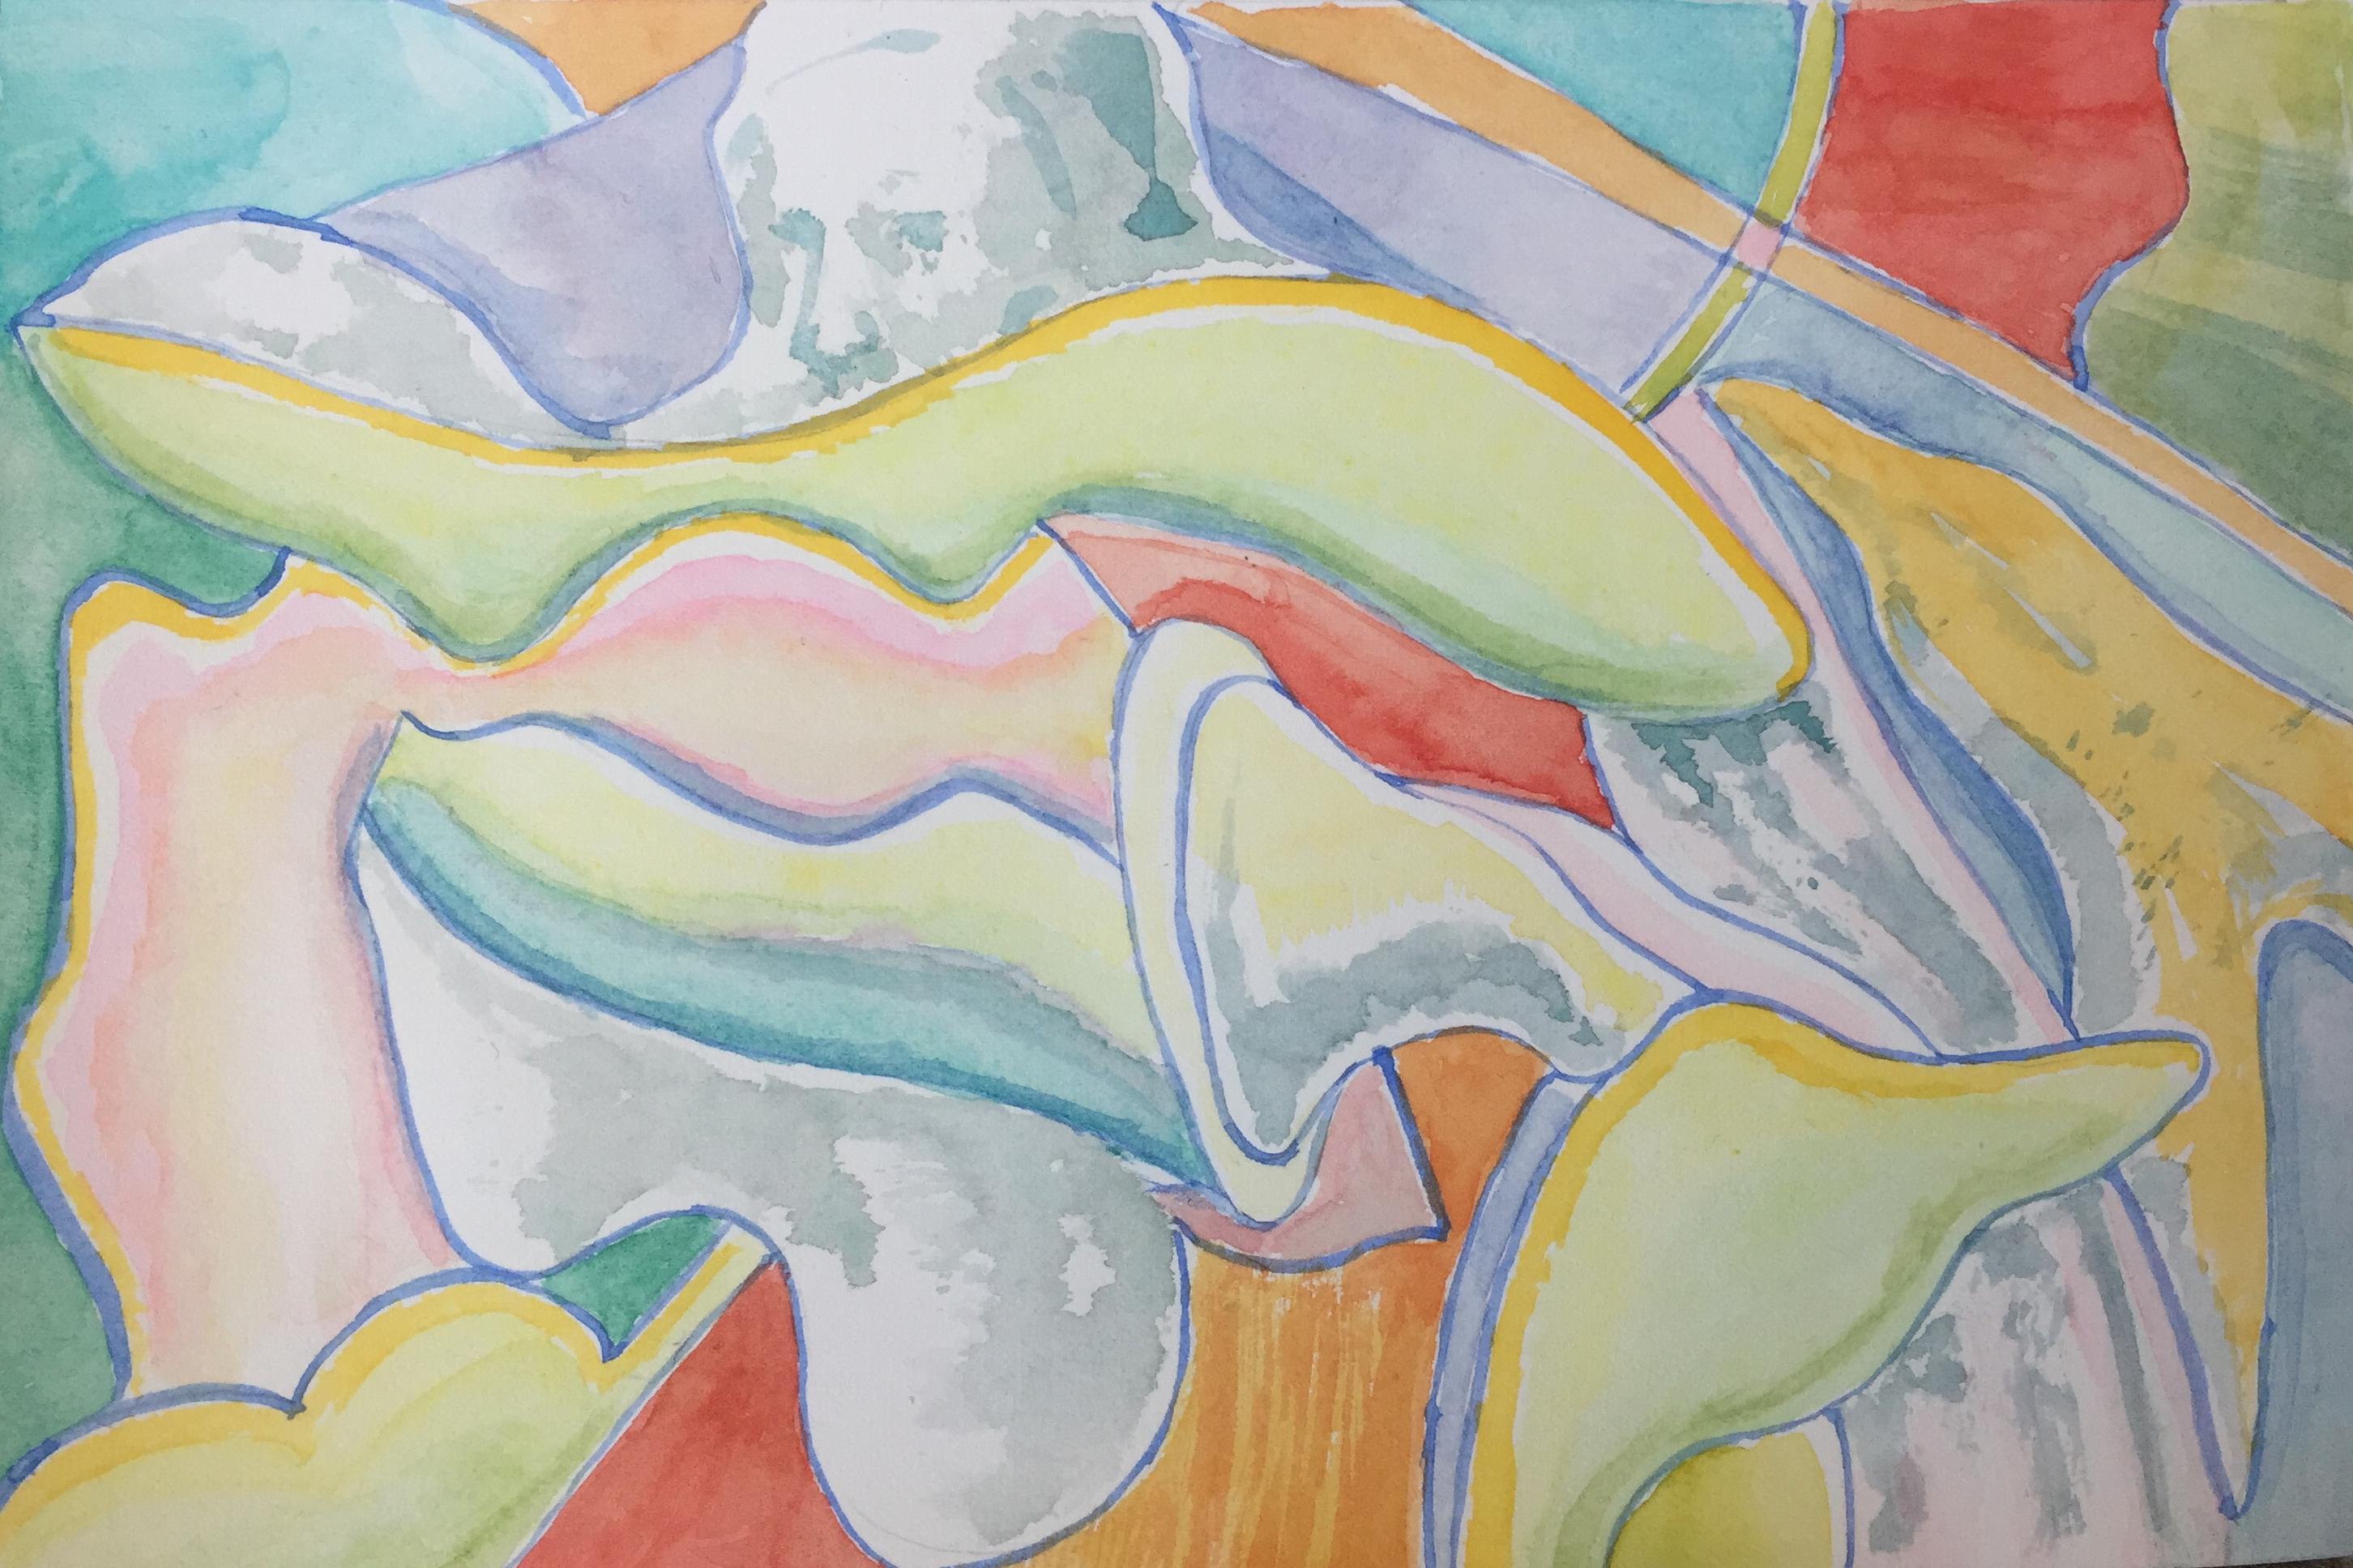 watercolor 21